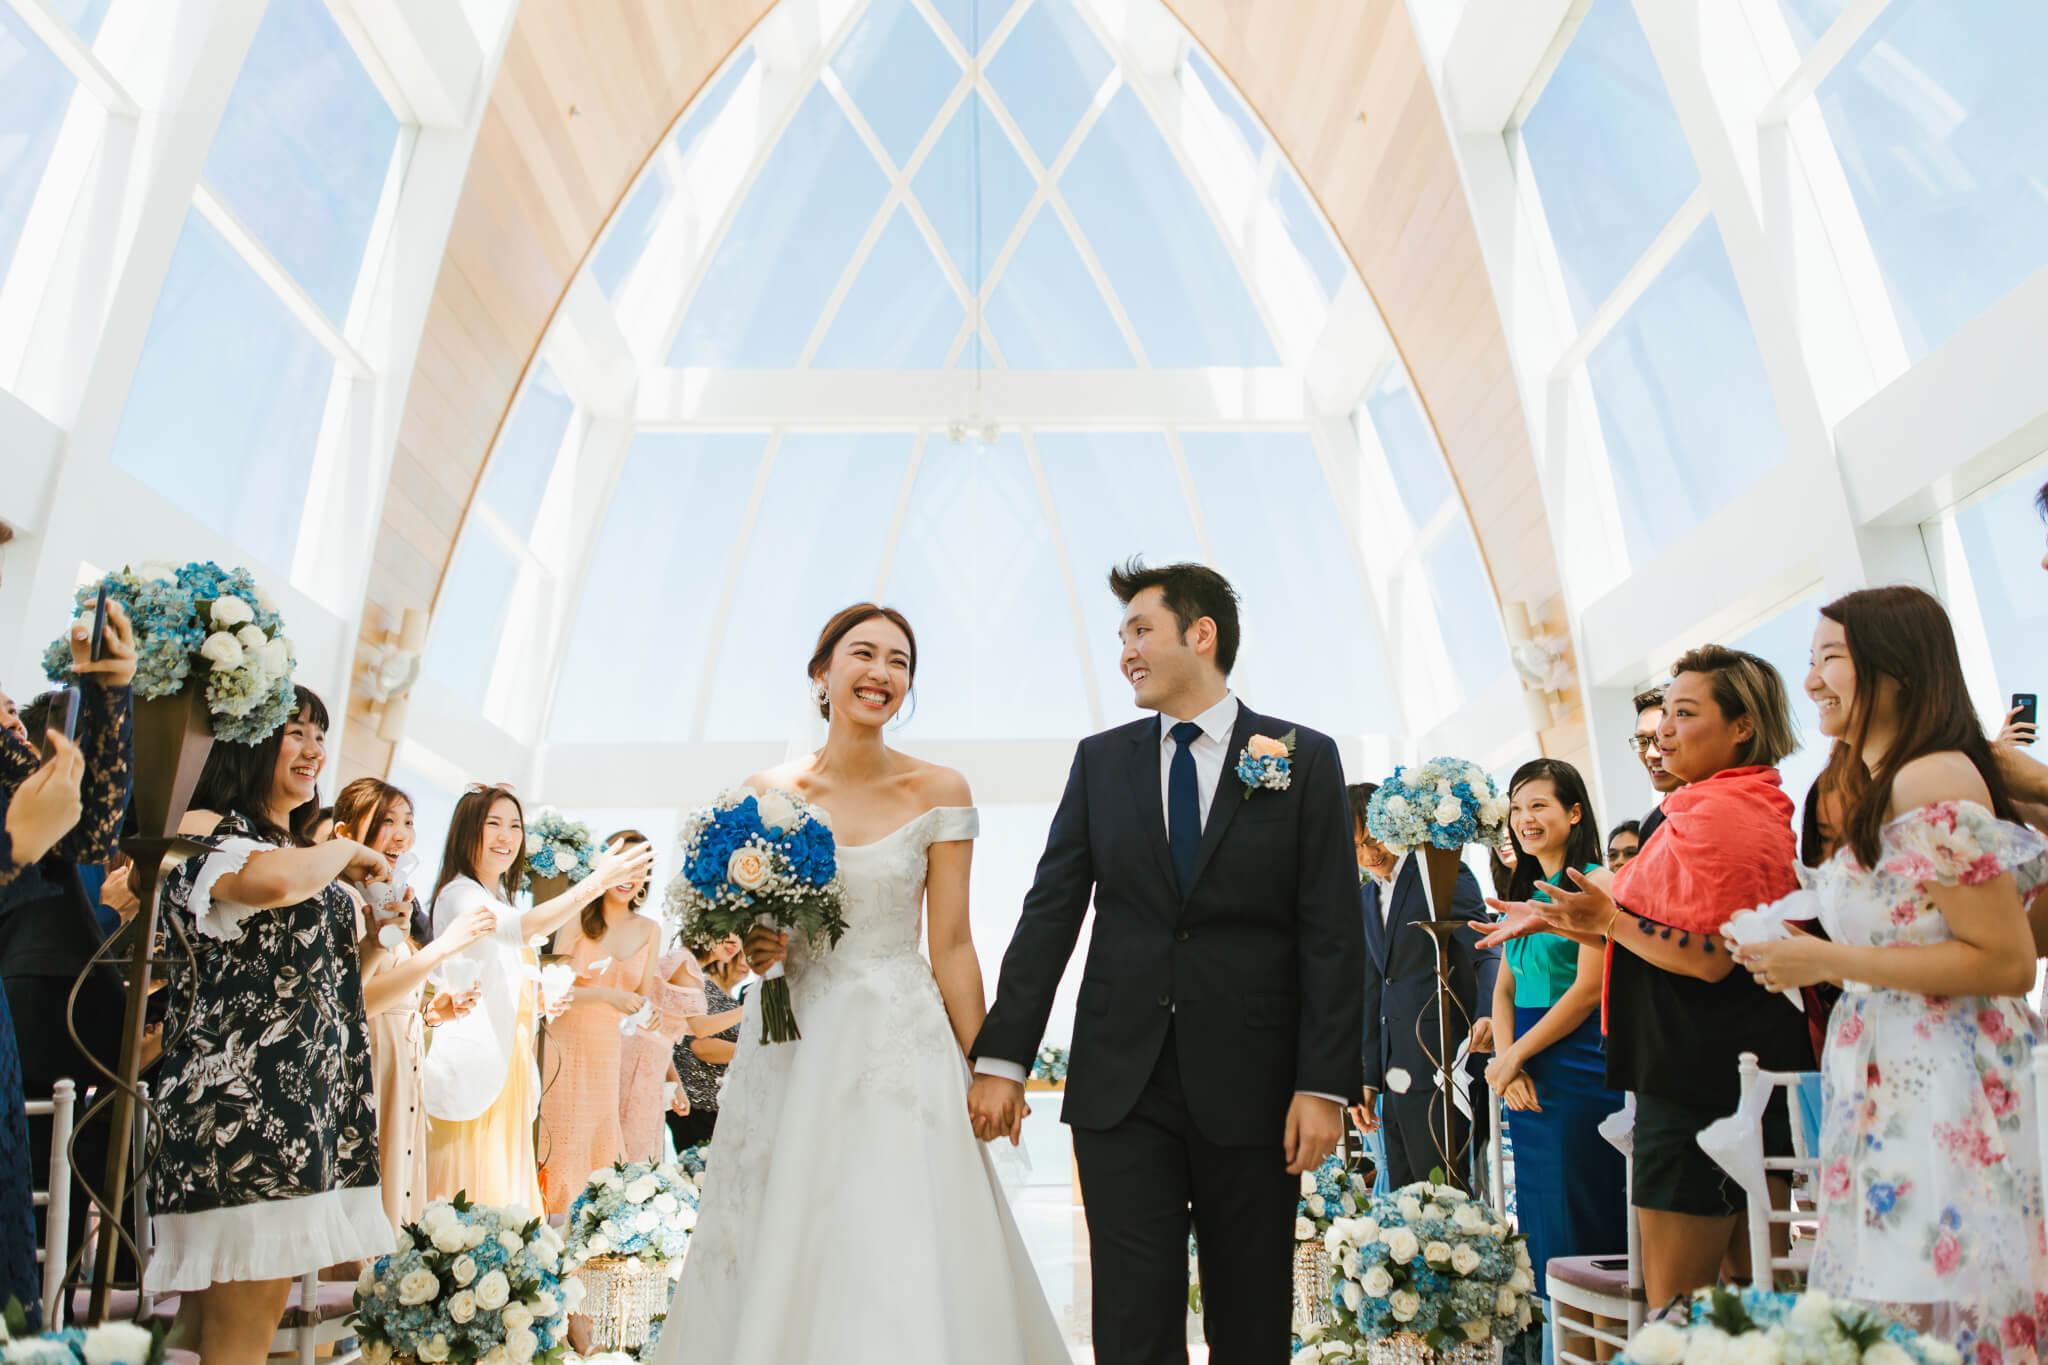 朱千雪於2014年開始跟青梅竹馬的醫生朋友吳昆倫拍拖,2019年6月28日透過面書宣佈註冊結婚,8月初則在峇里瑪傑斯蒂教堂舉行婚禮。